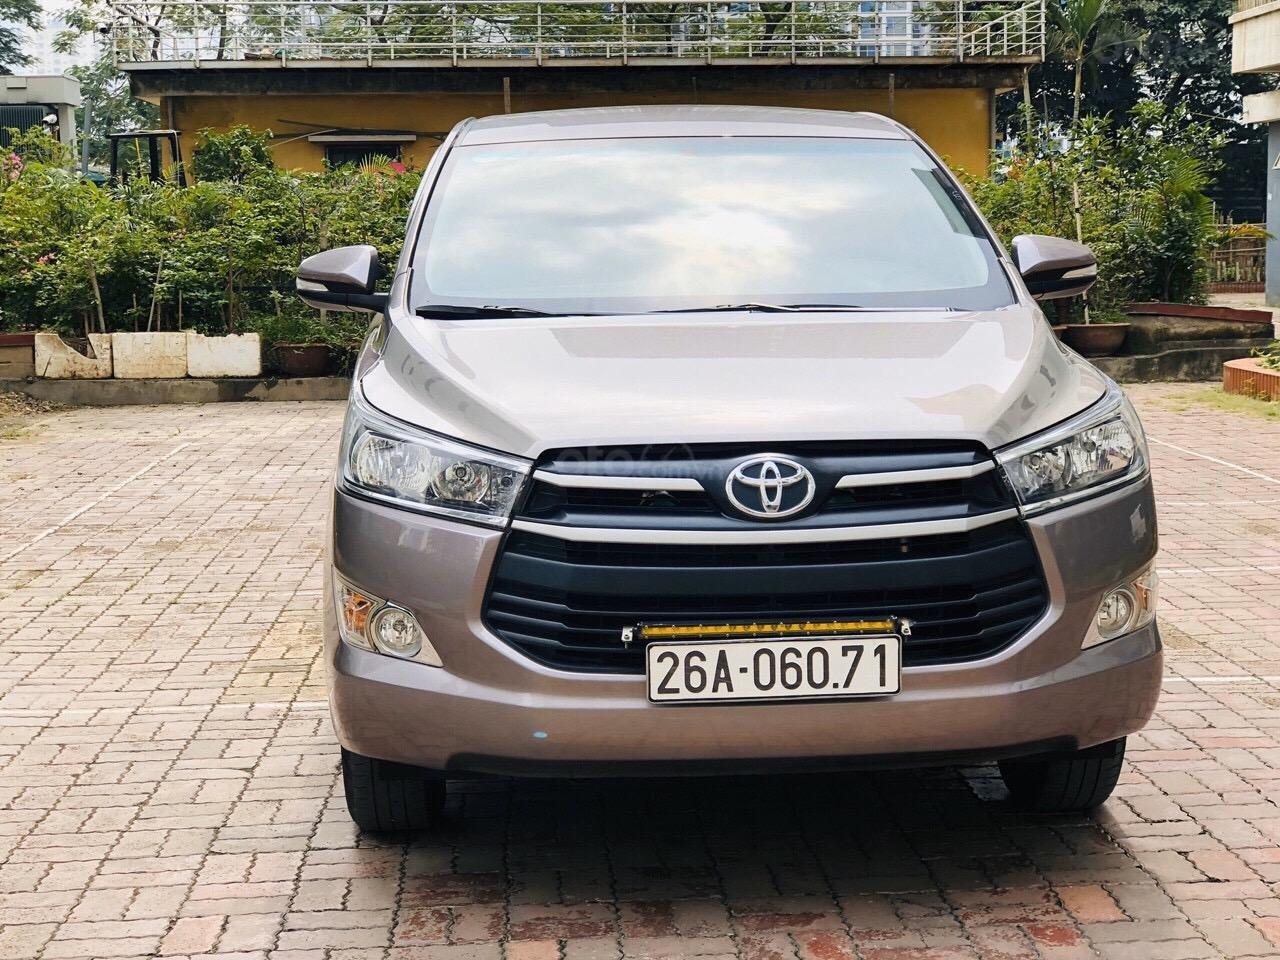 Cần bán xe Toyota Innova 2.0E năm sản xuất 2017, màu xám (ghi) (1)